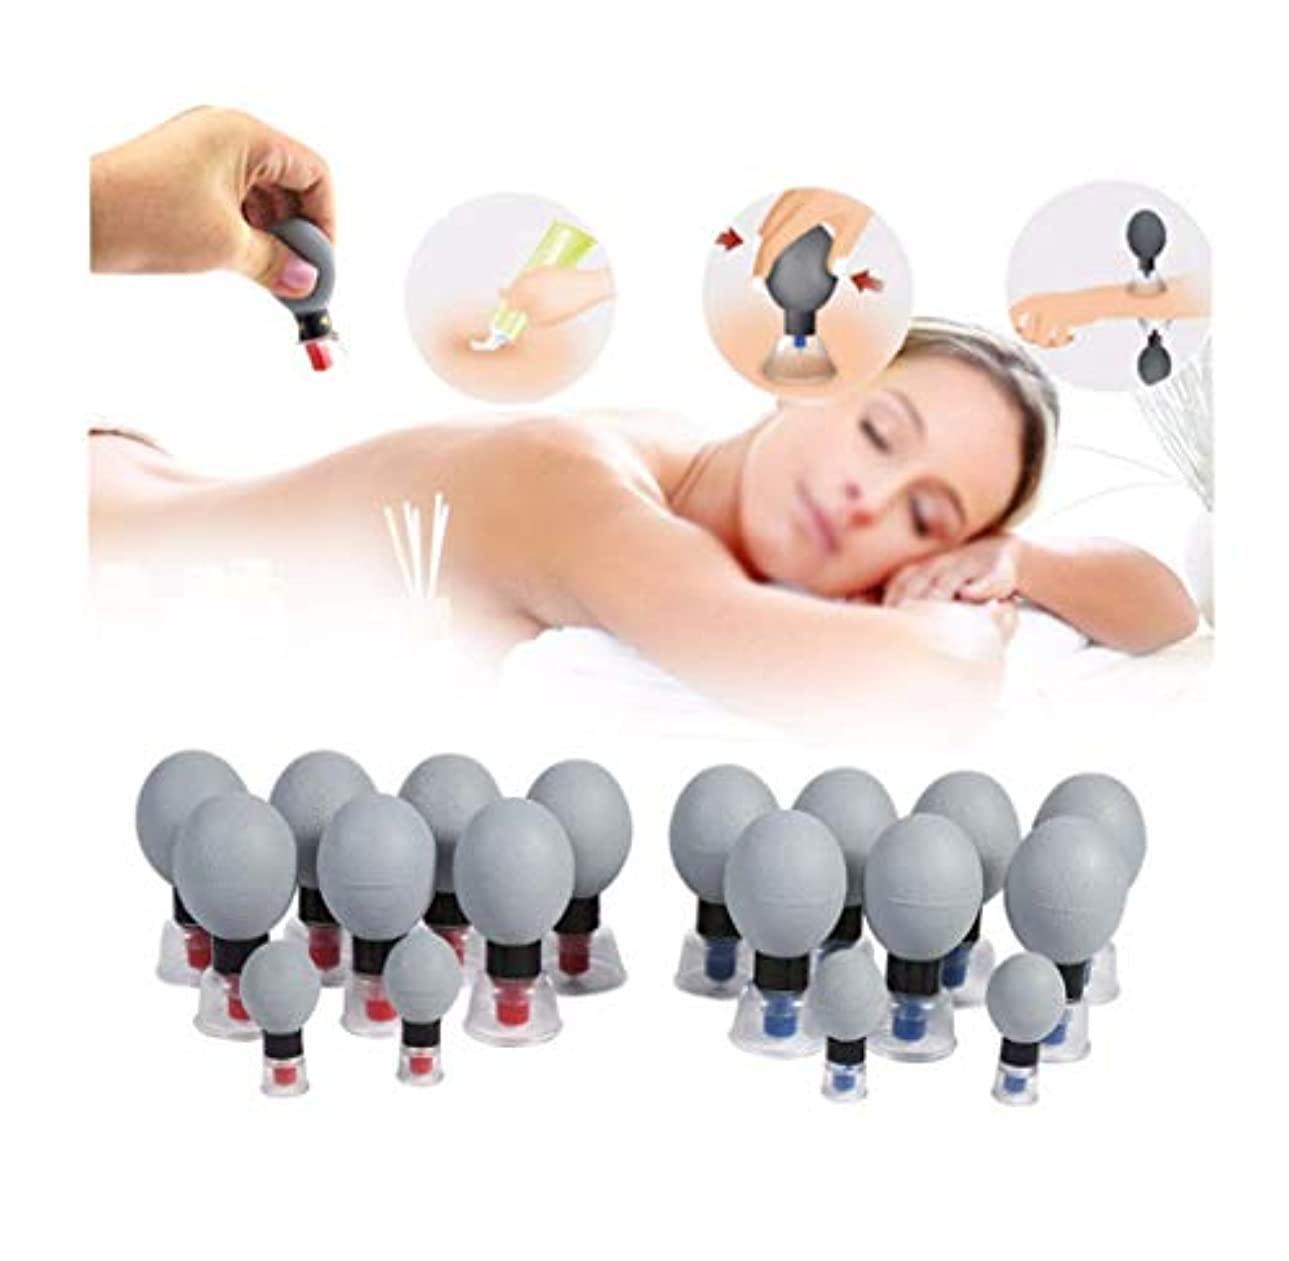 聡明小数シーサイド真空カッピングセット、TCM磁気療法指圧吸引カップ、マッサージ筋肉関節痛を軽減する鍼灸マッサージジャー,18pieces